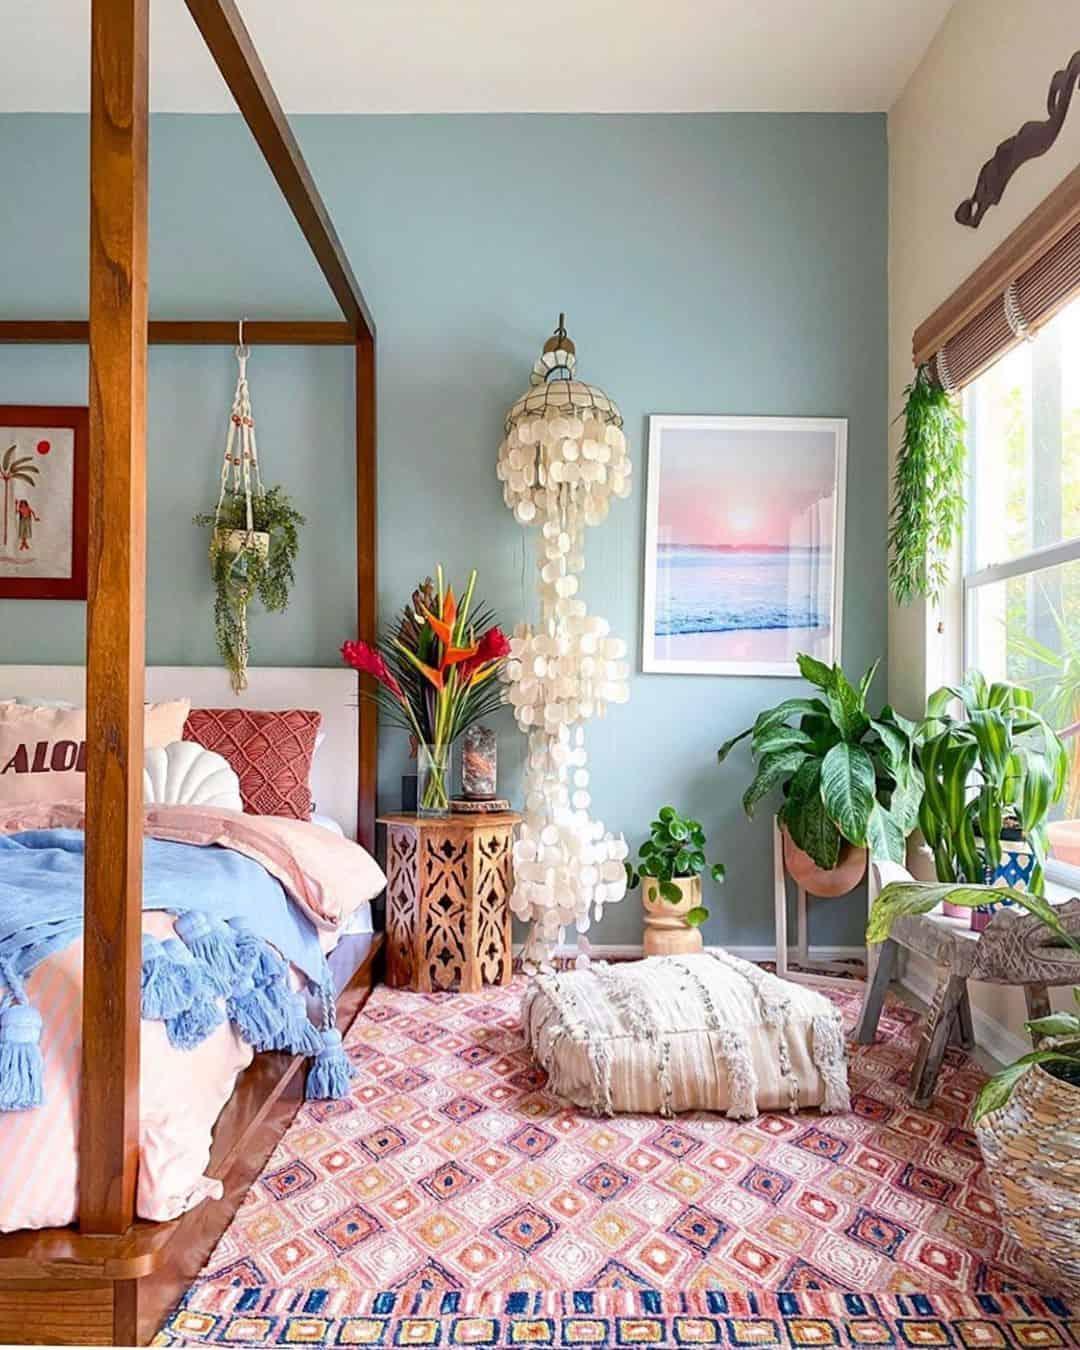 Redo Your Bedroom in Boho Summer Comfort